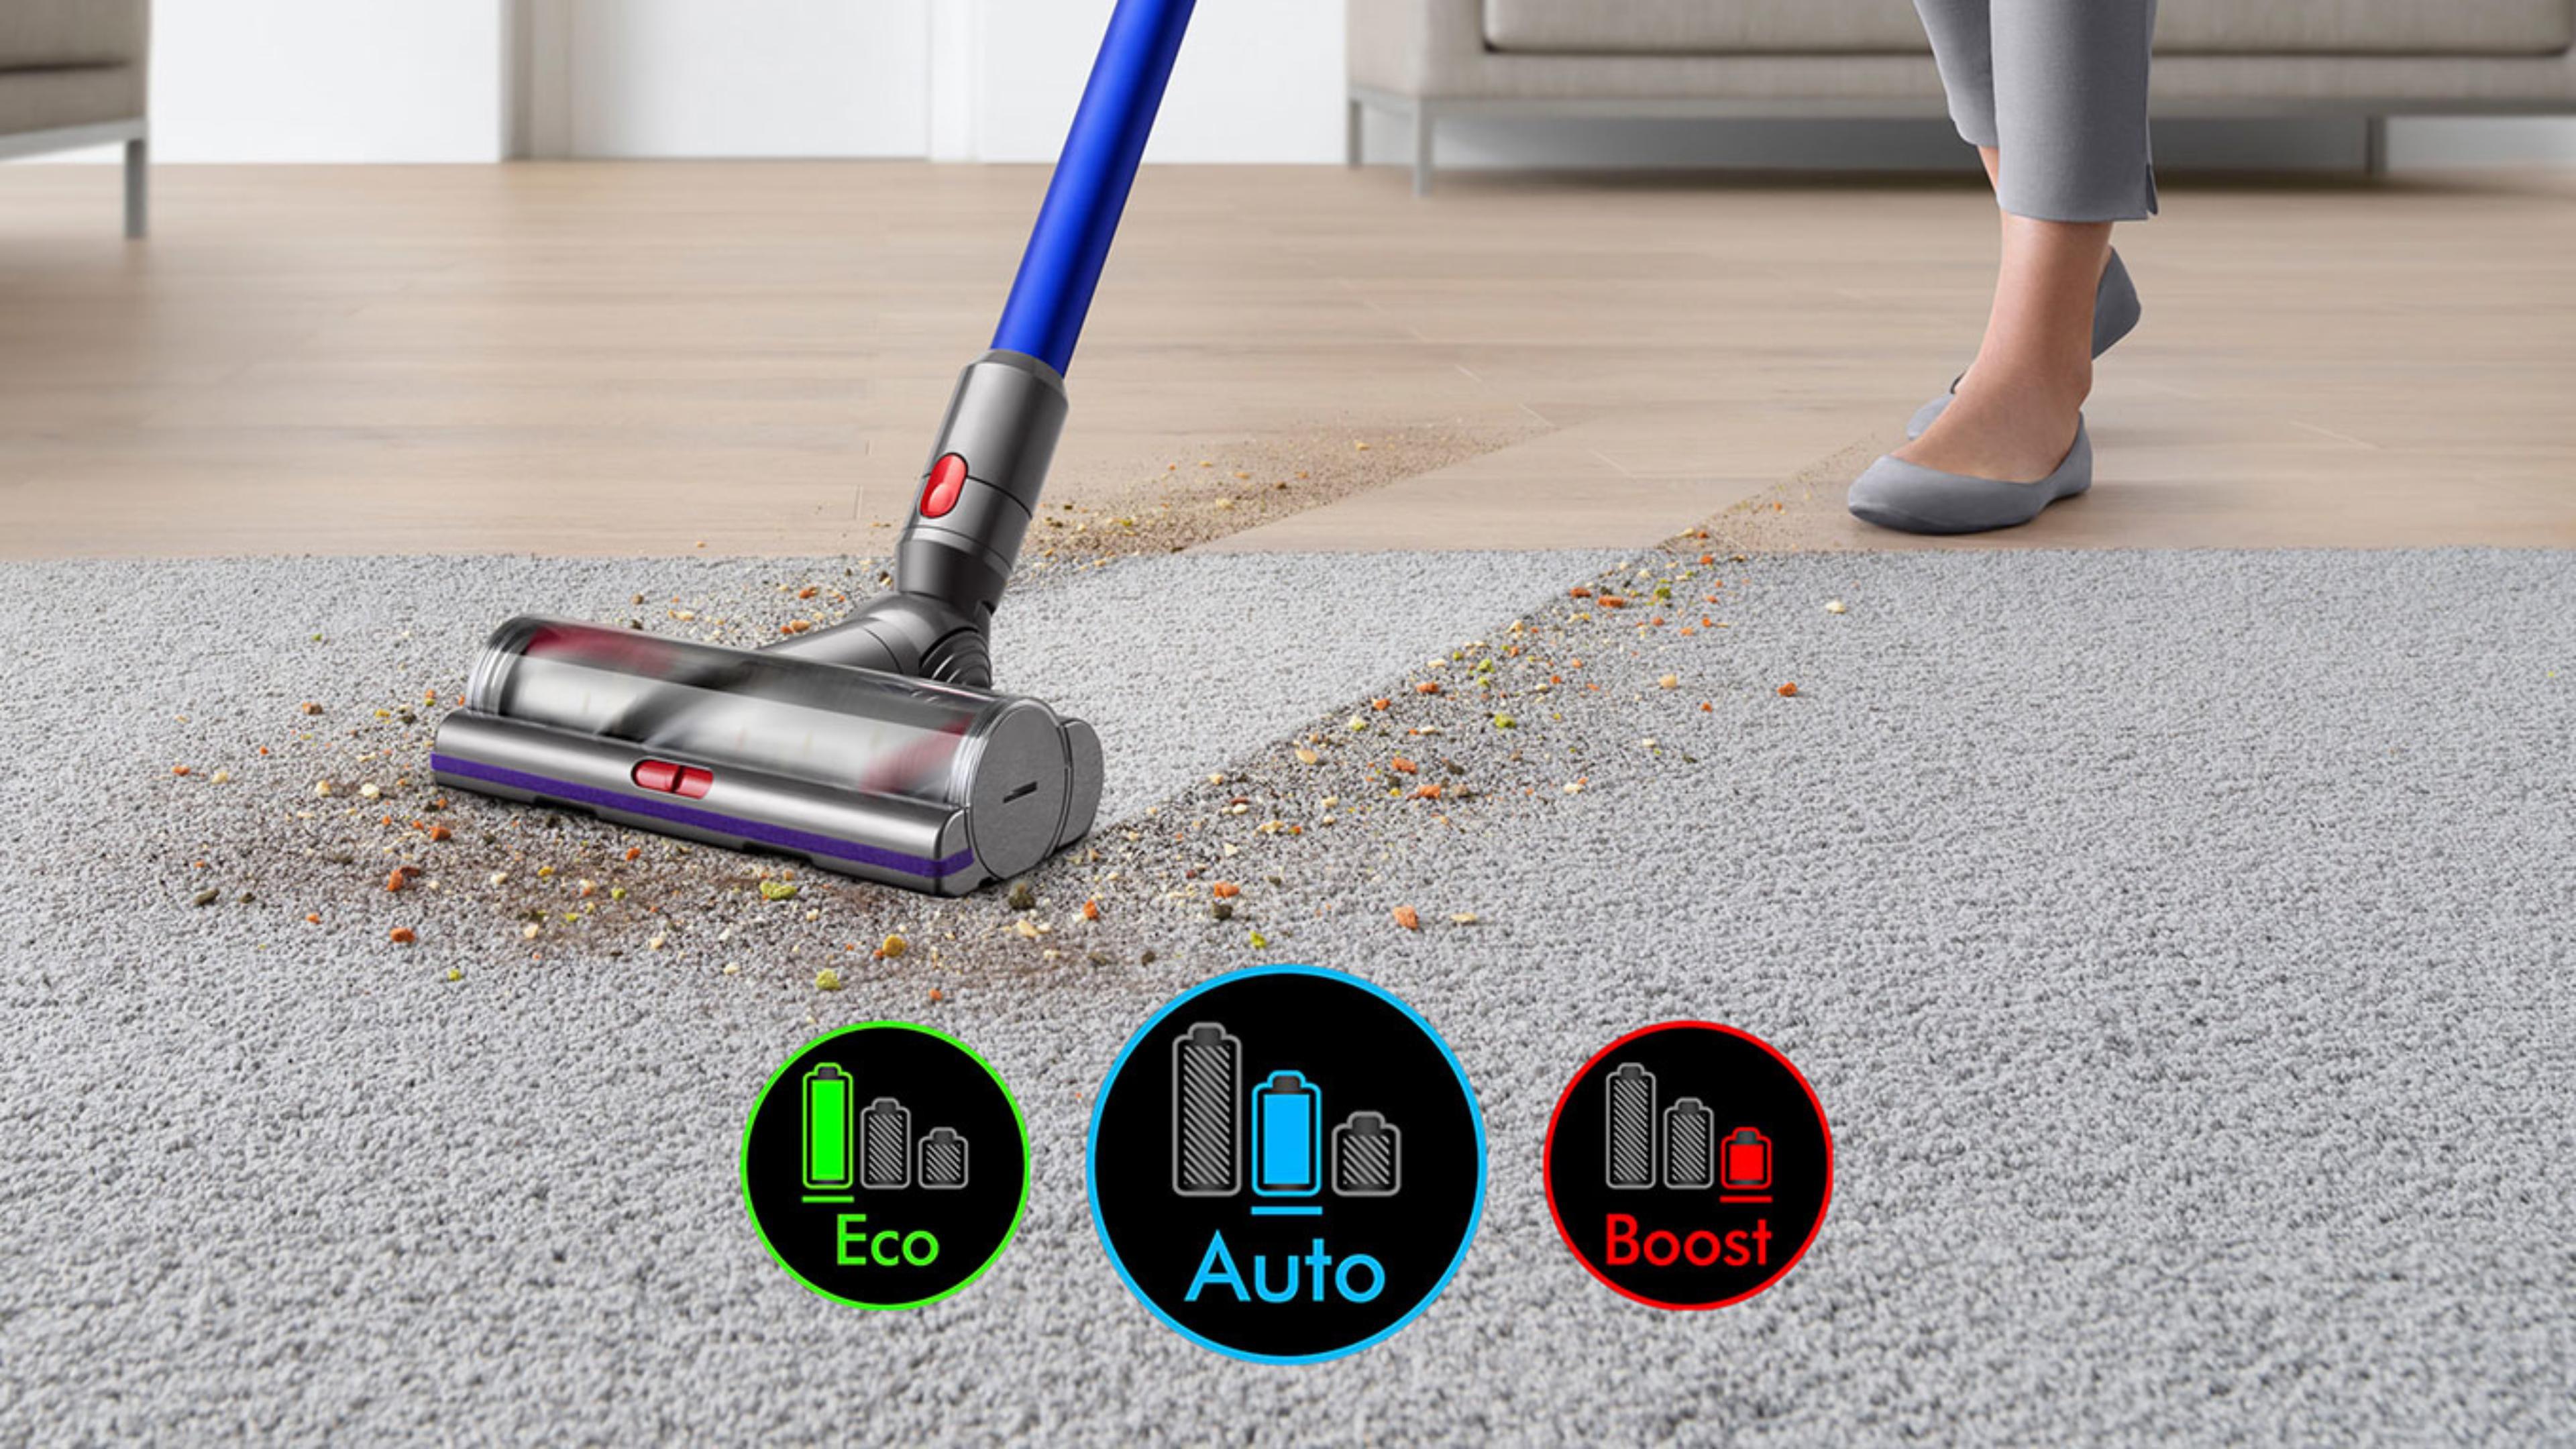 Głowica czyszcząca na dywanie razem z obrazem ekranu z trzema trybami mocy